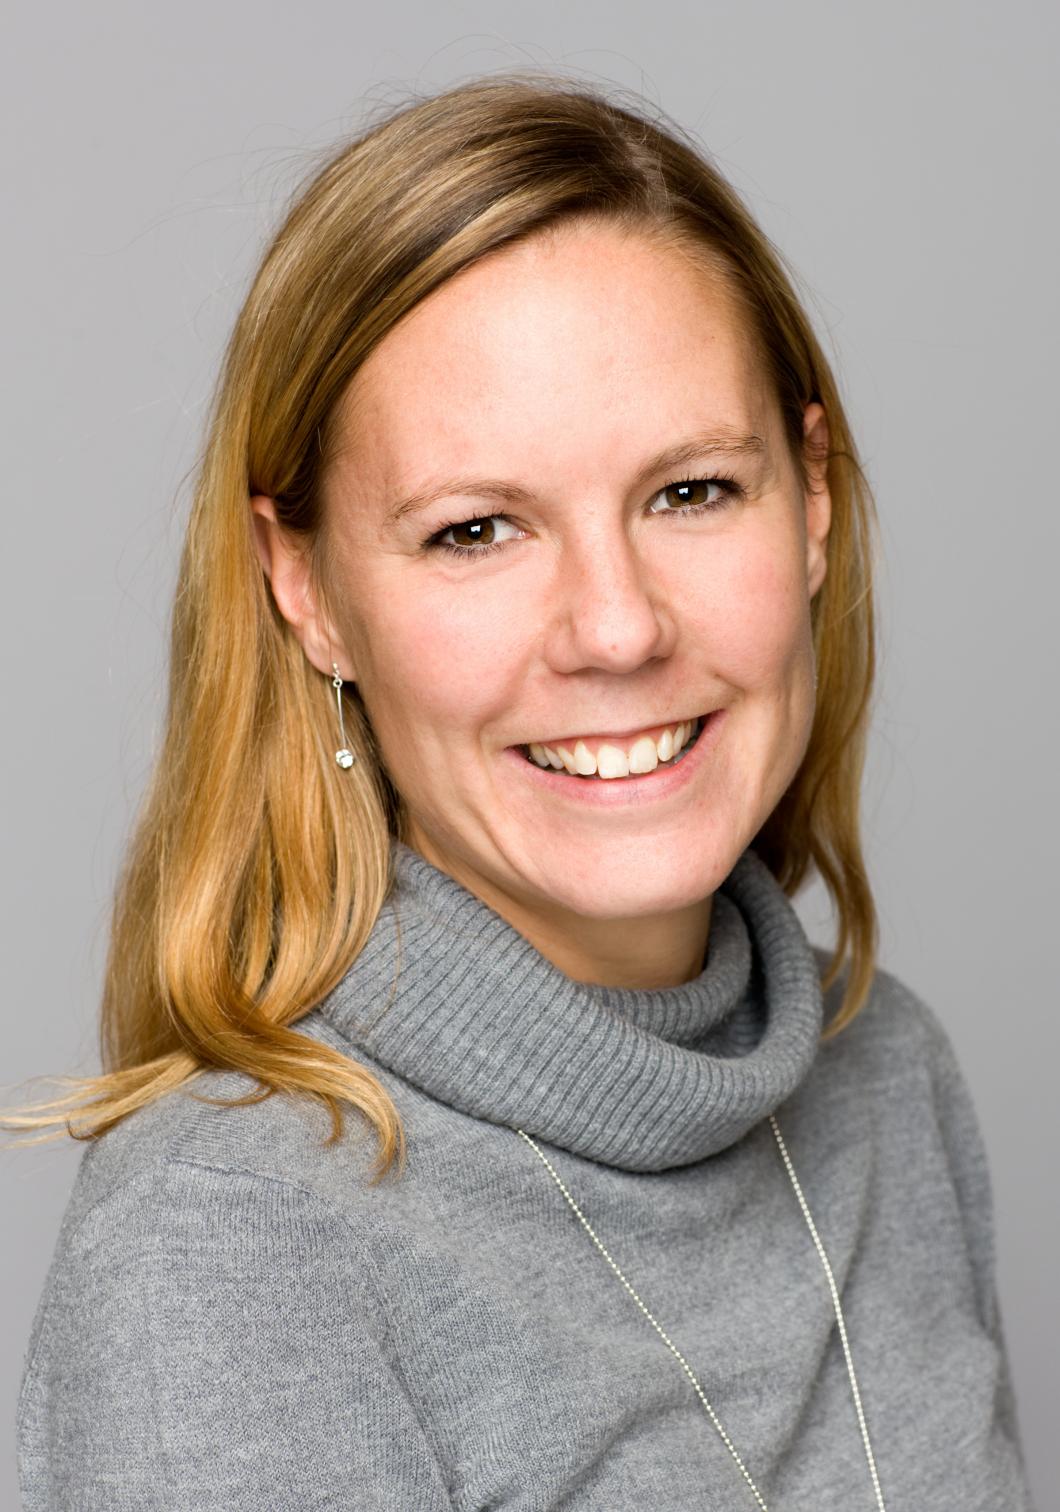 Gotländska sjuksköterskor får 1 200 kronor mer i lön